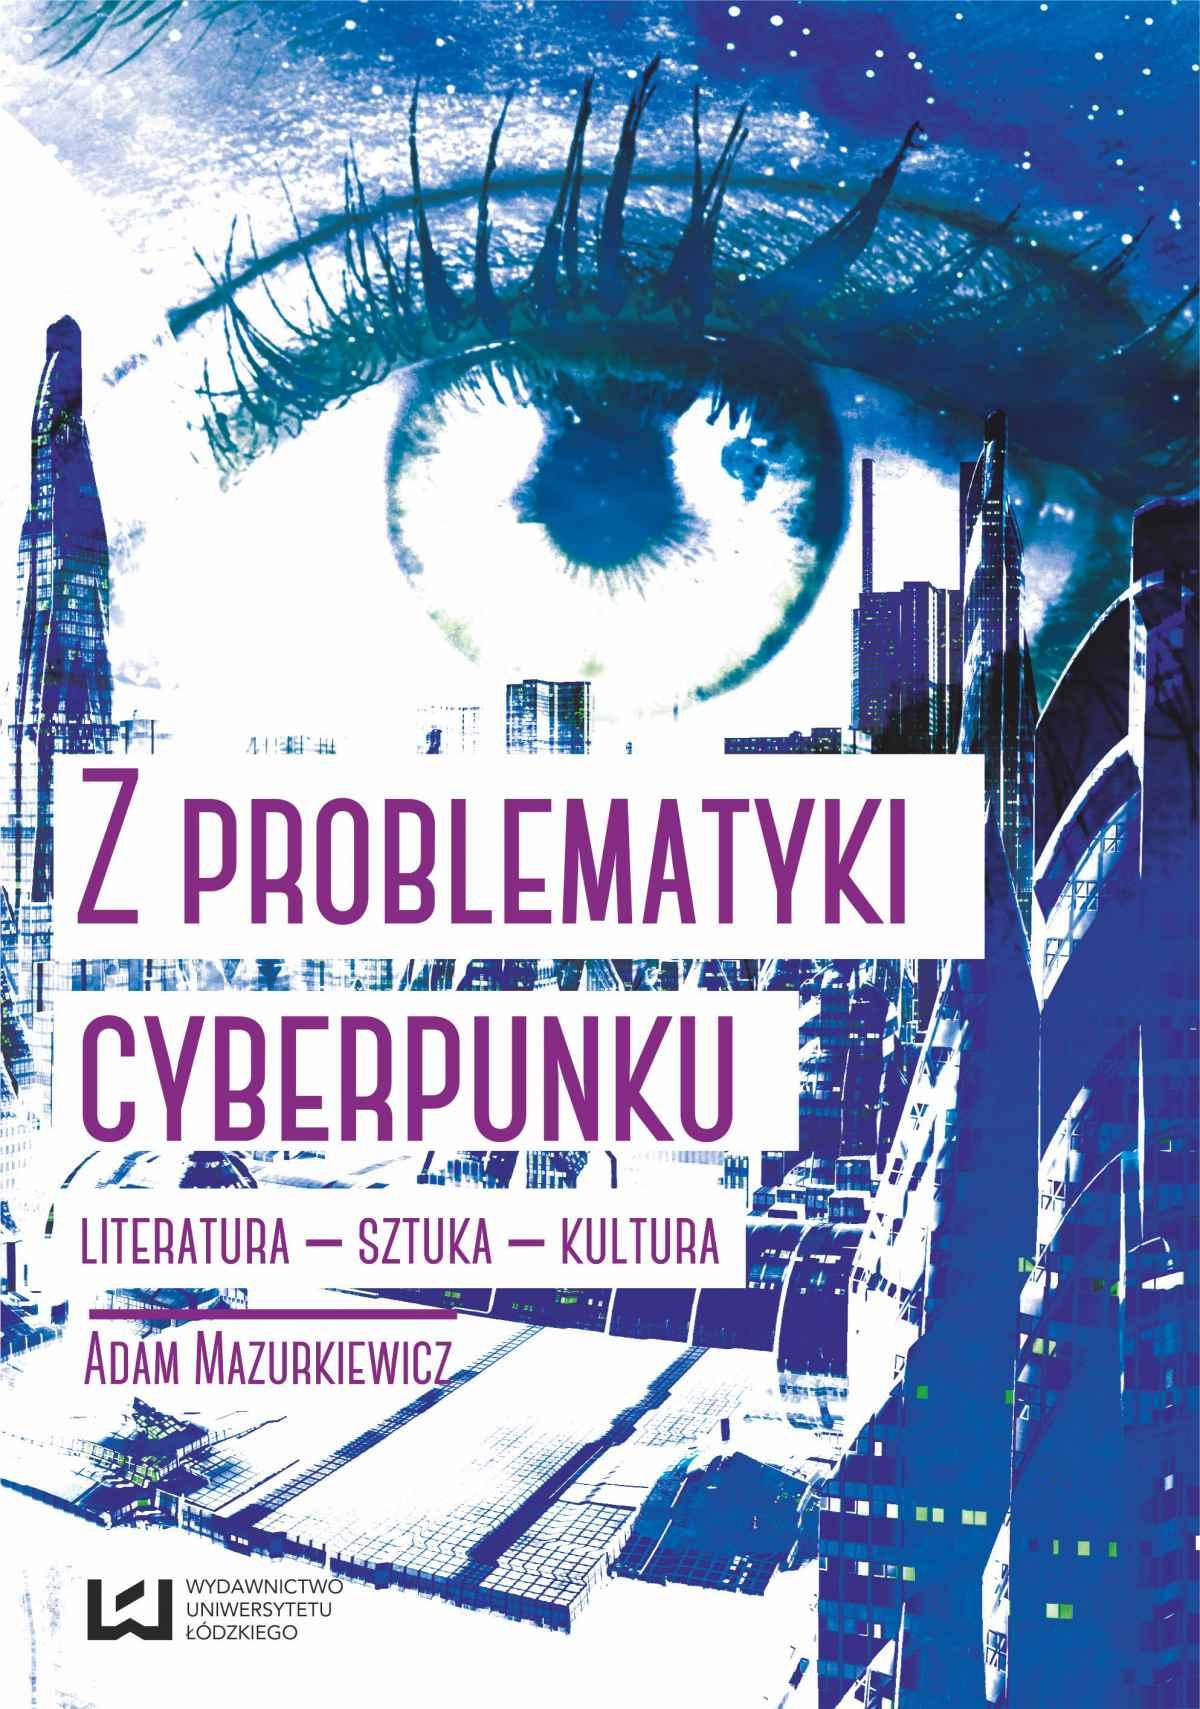 Z problematyki cyberpunku. Literatura – sztuka – kultura - Ebook (Książka PDF) do pobrania w formacie PDF